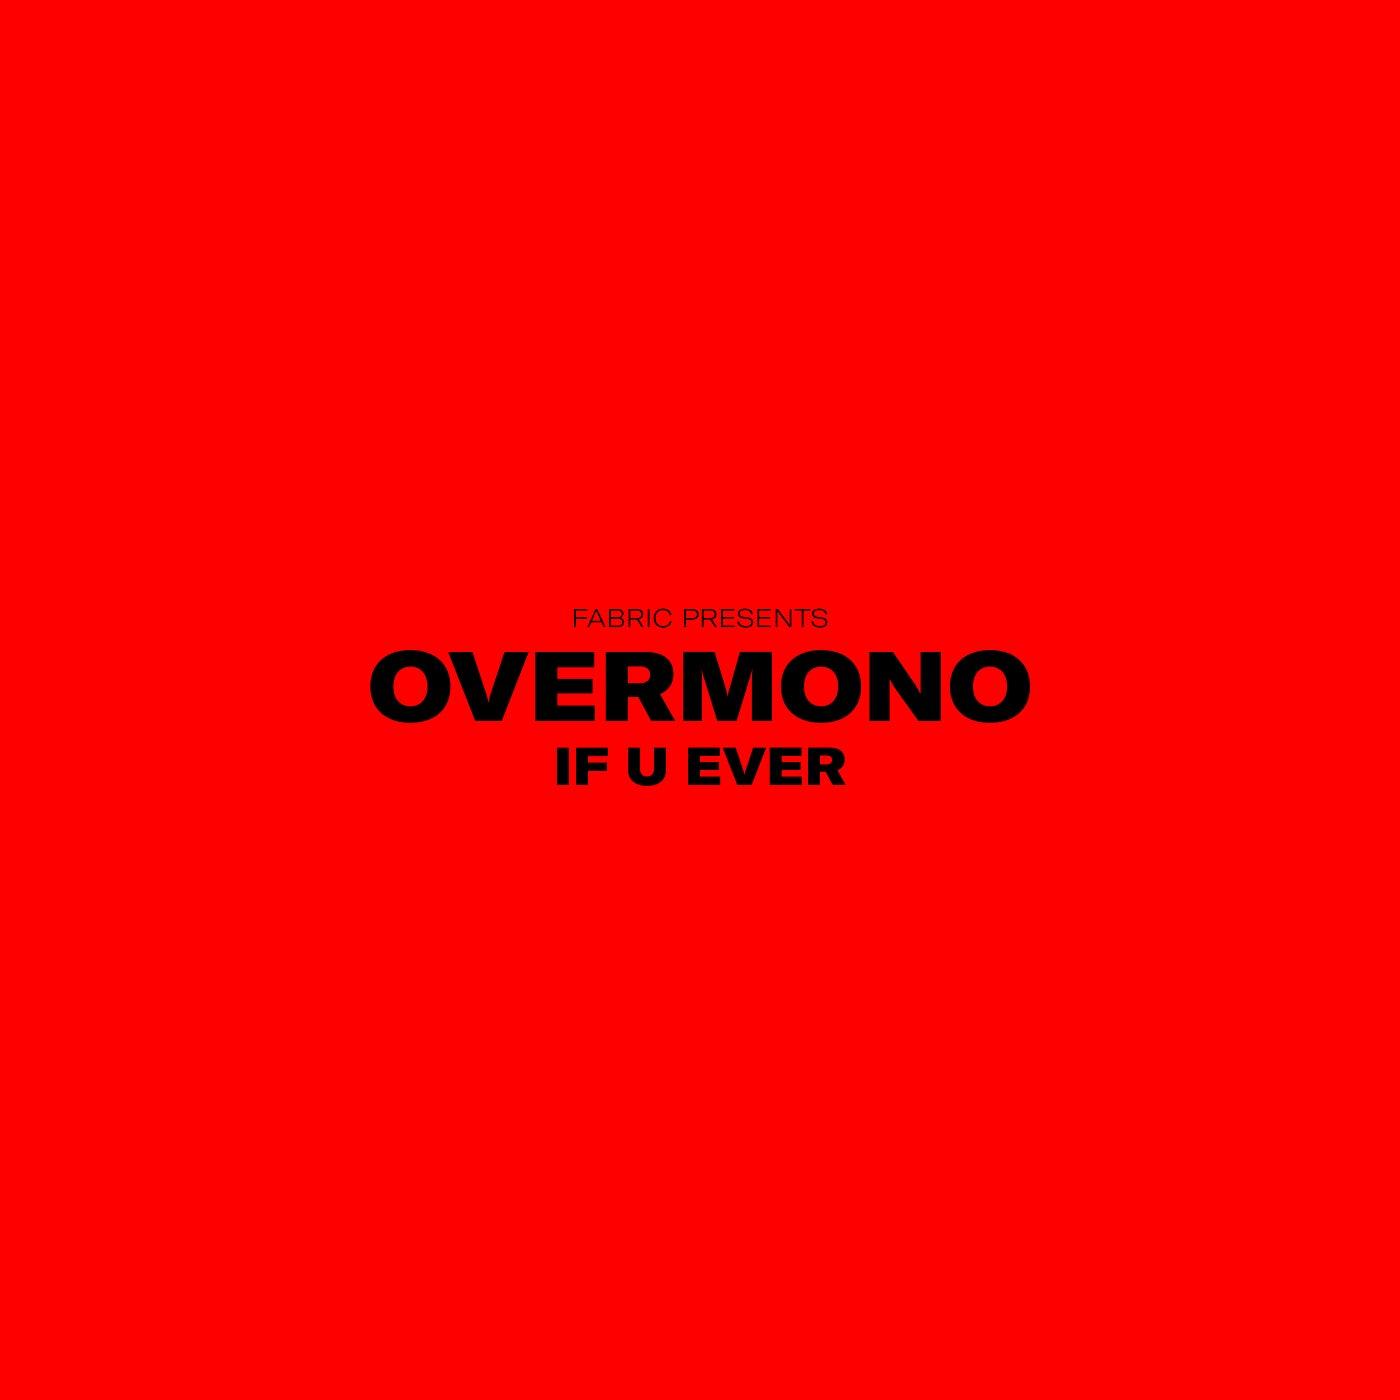 If U Ever (Original Mix)